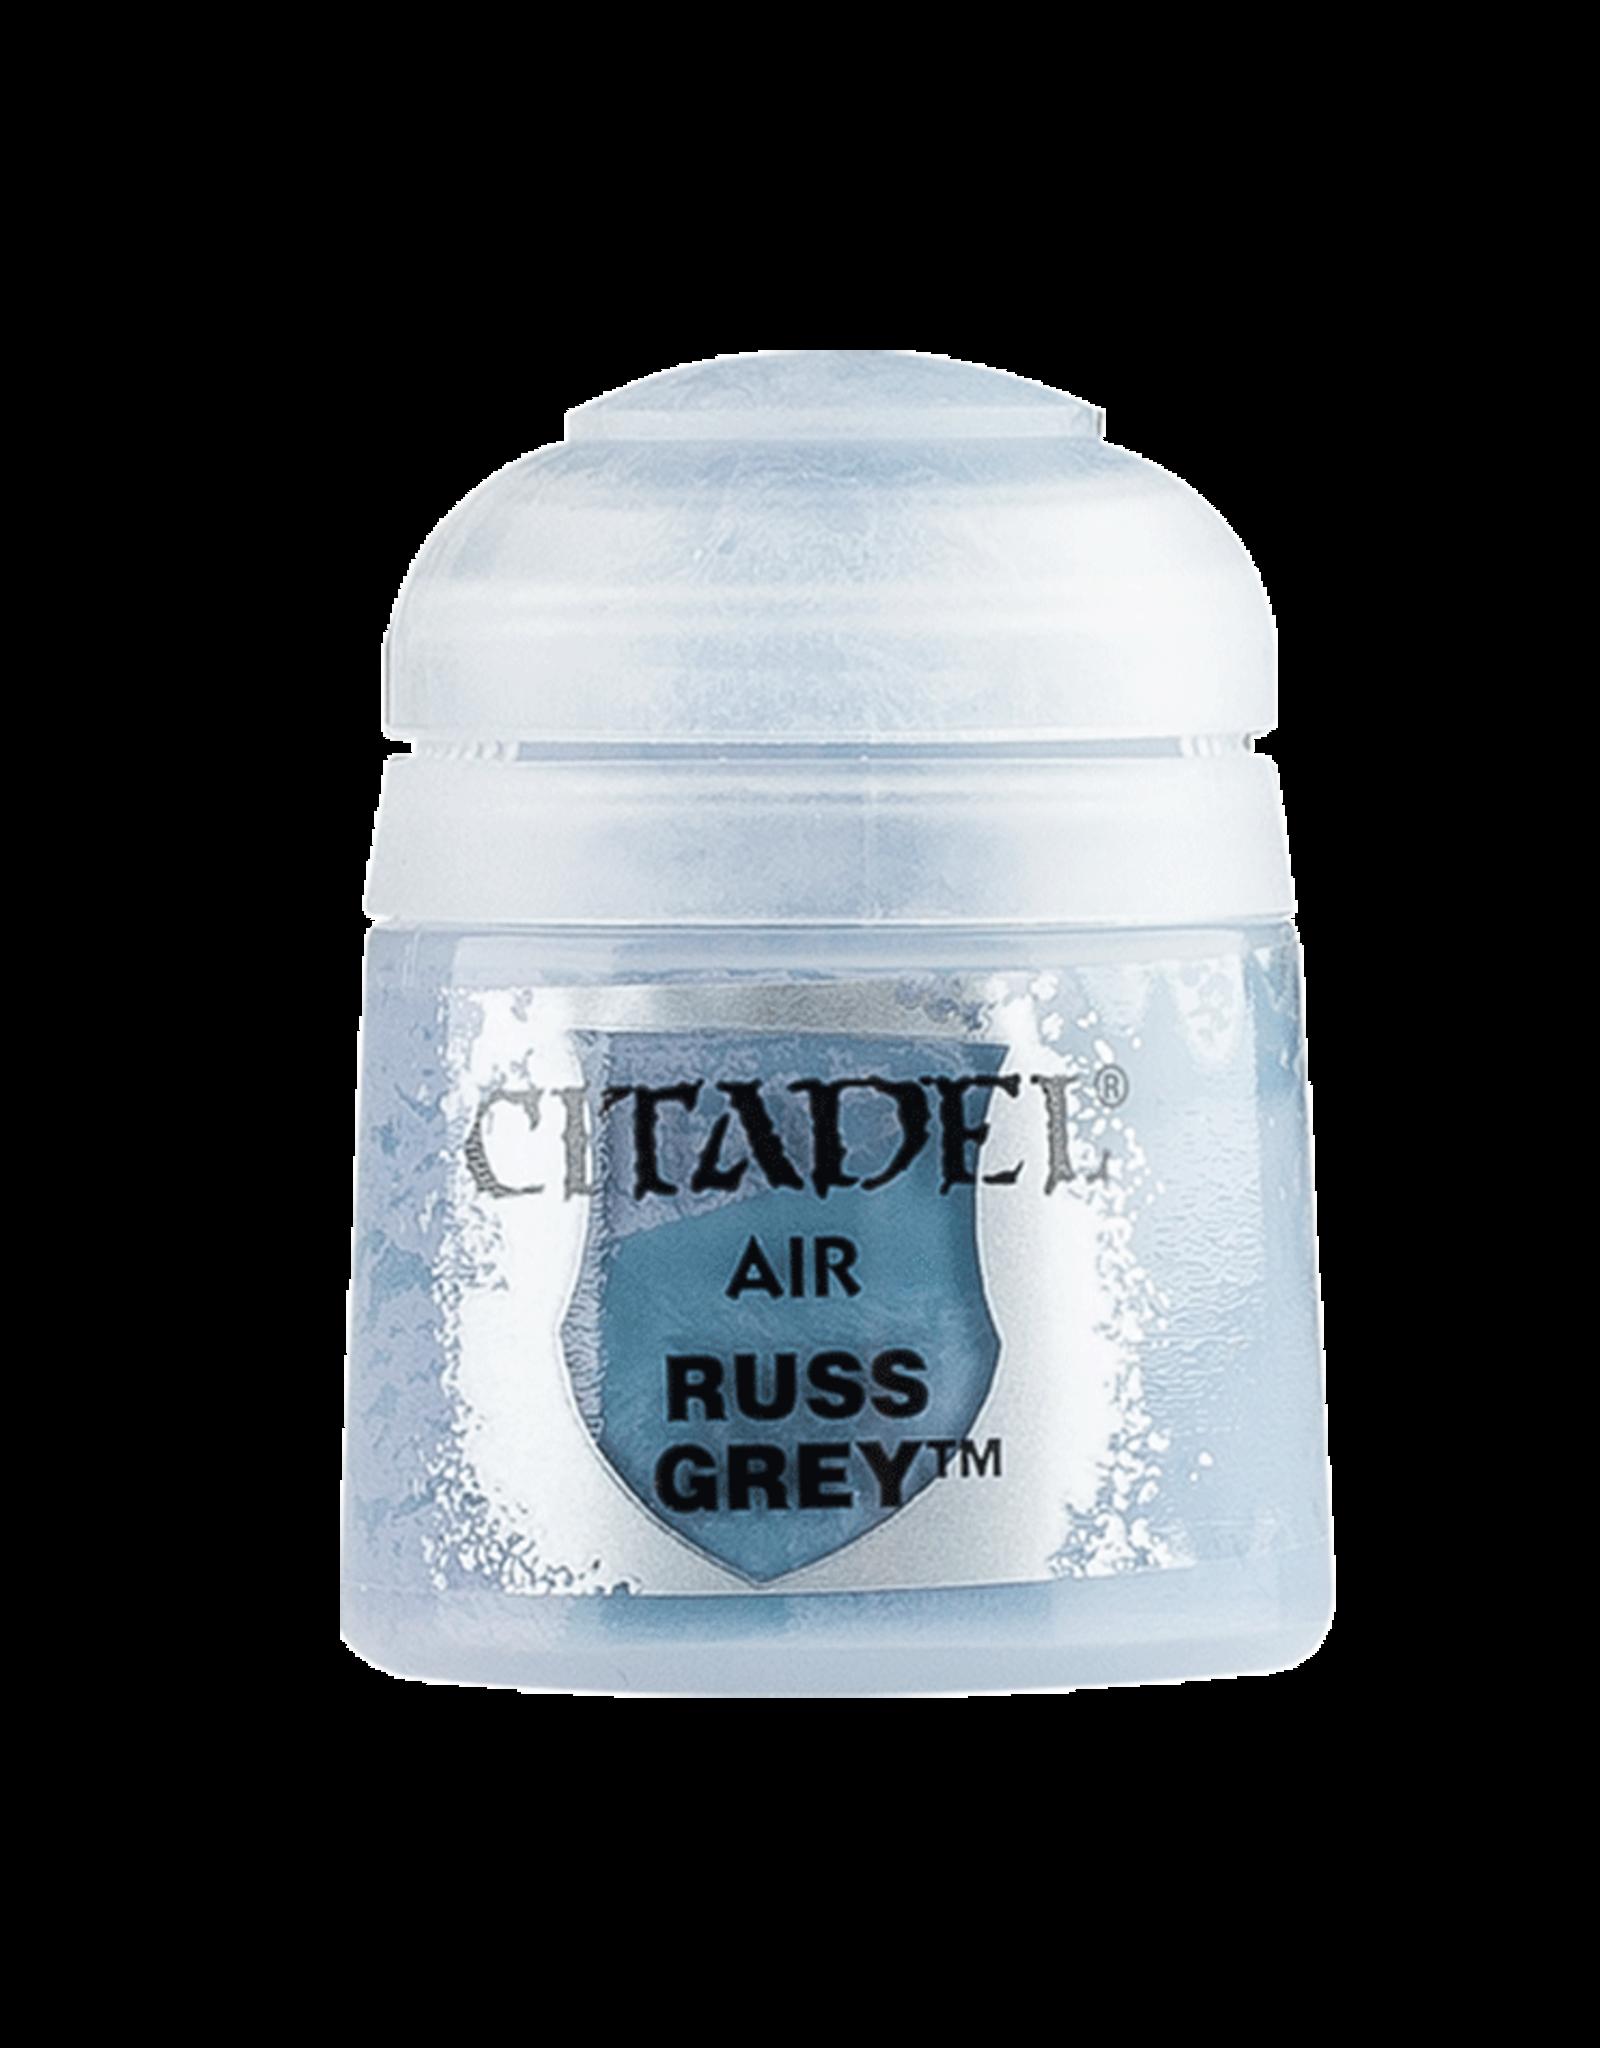 Citadel Citadel Air: Russ Grey (24ml)